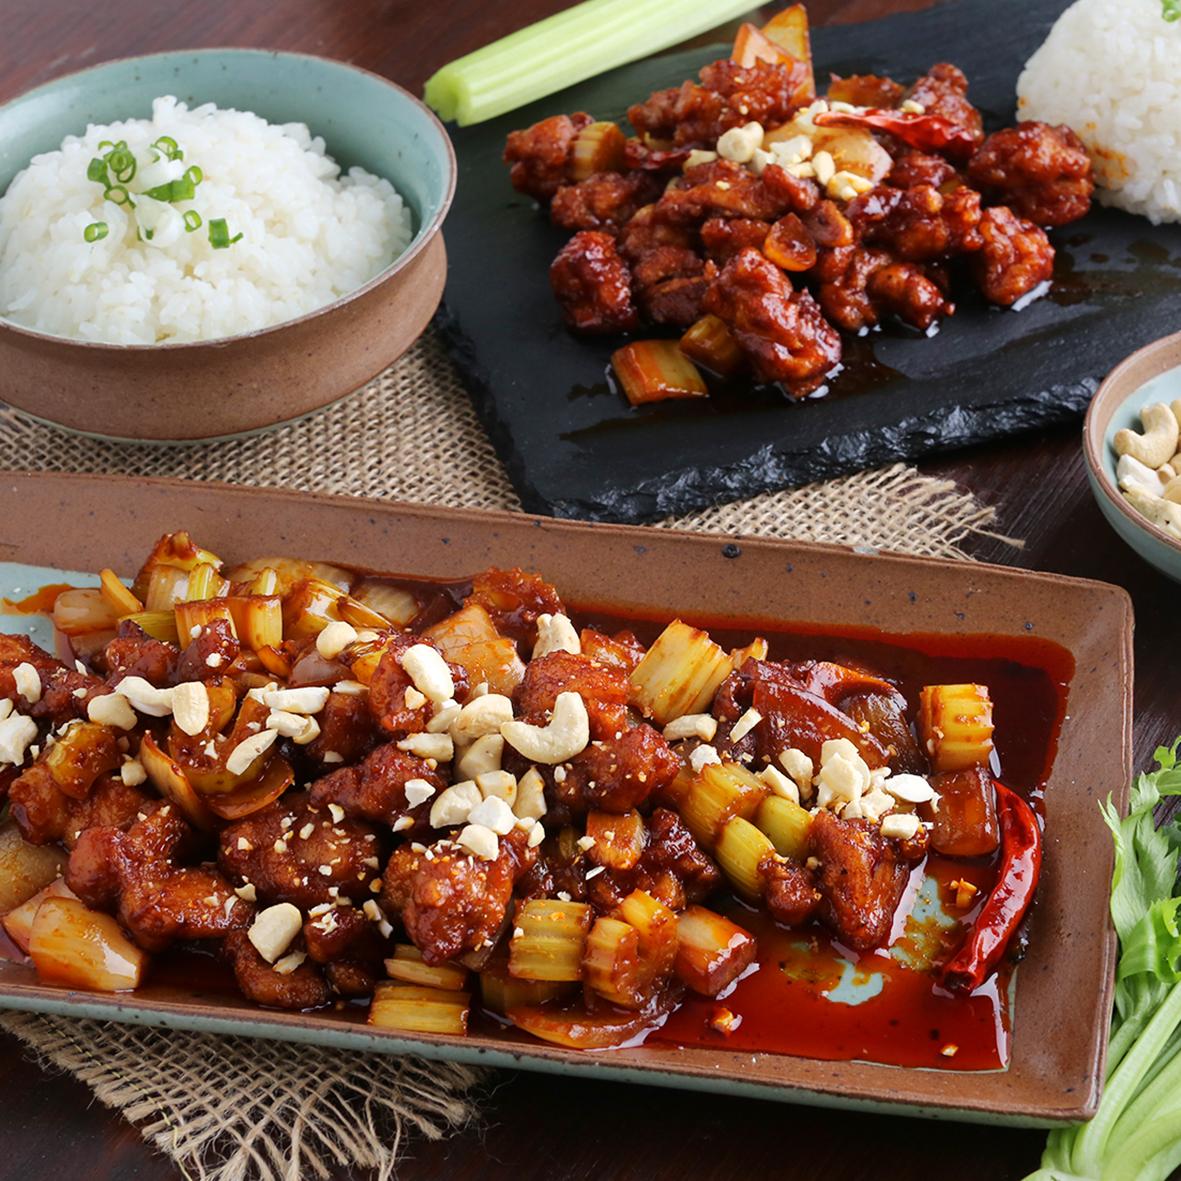 사천식 쿵파오 치킨